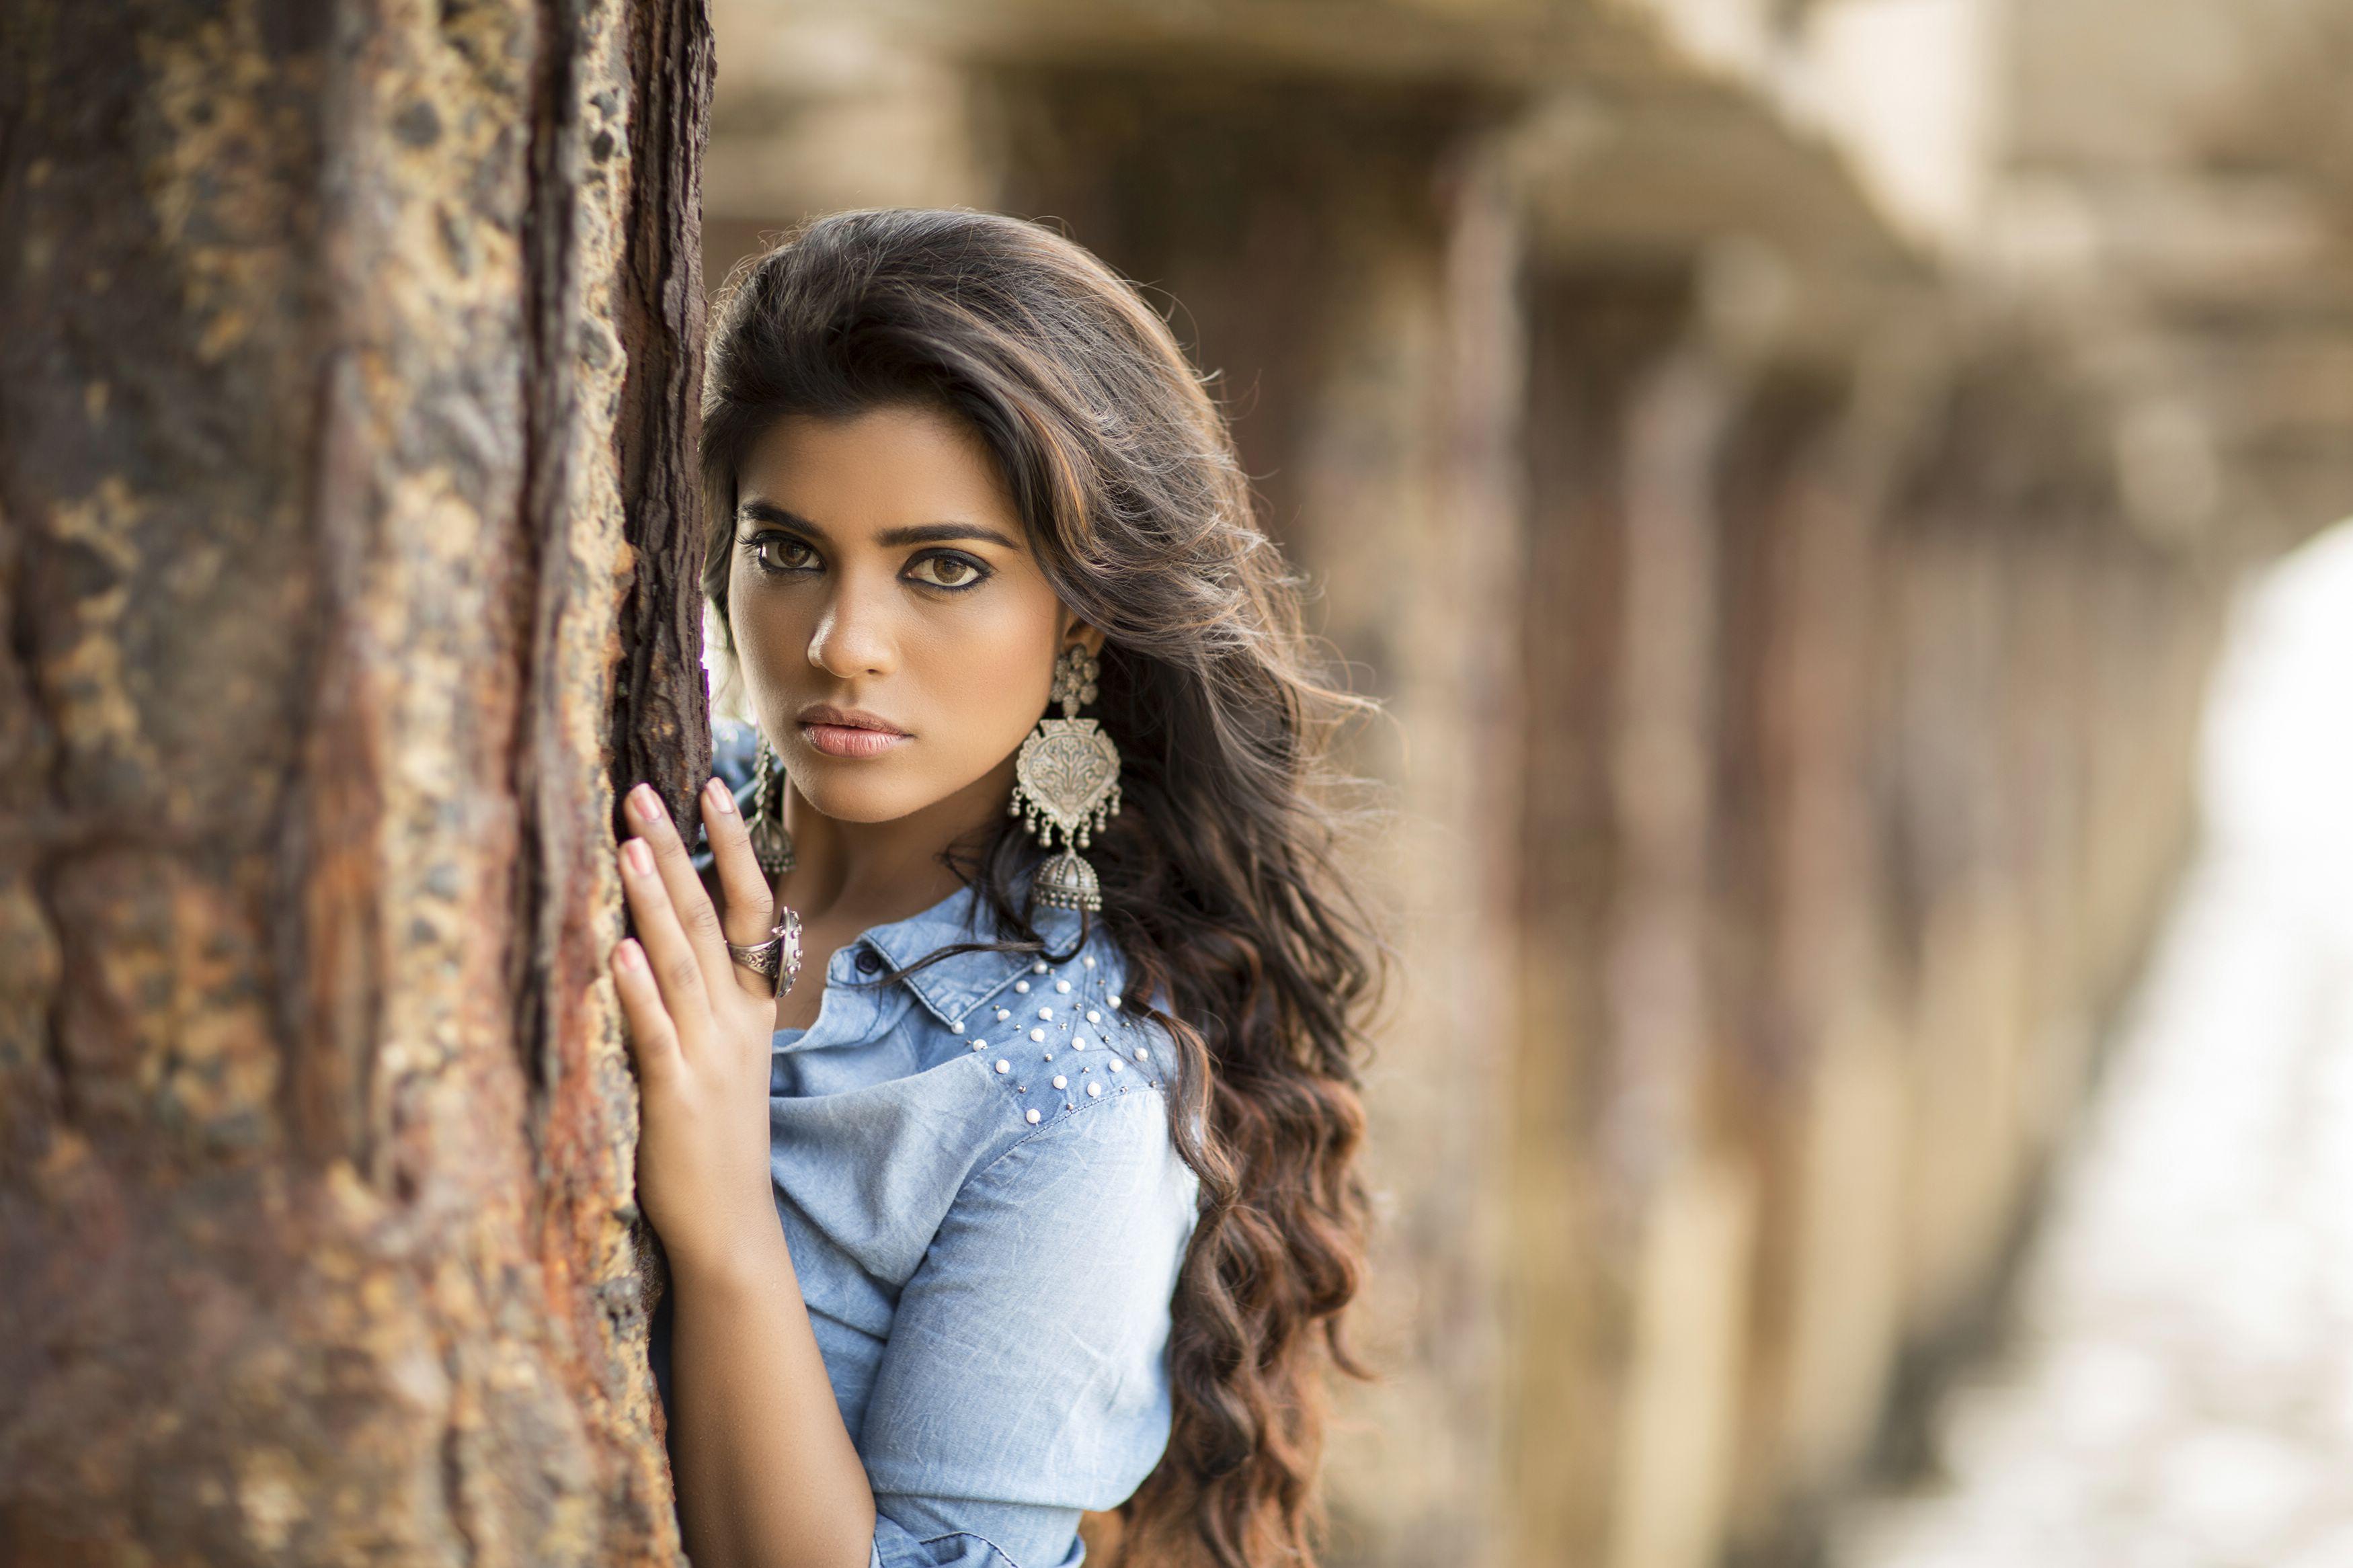 Одежде кожи самая красивая девушка индии фото